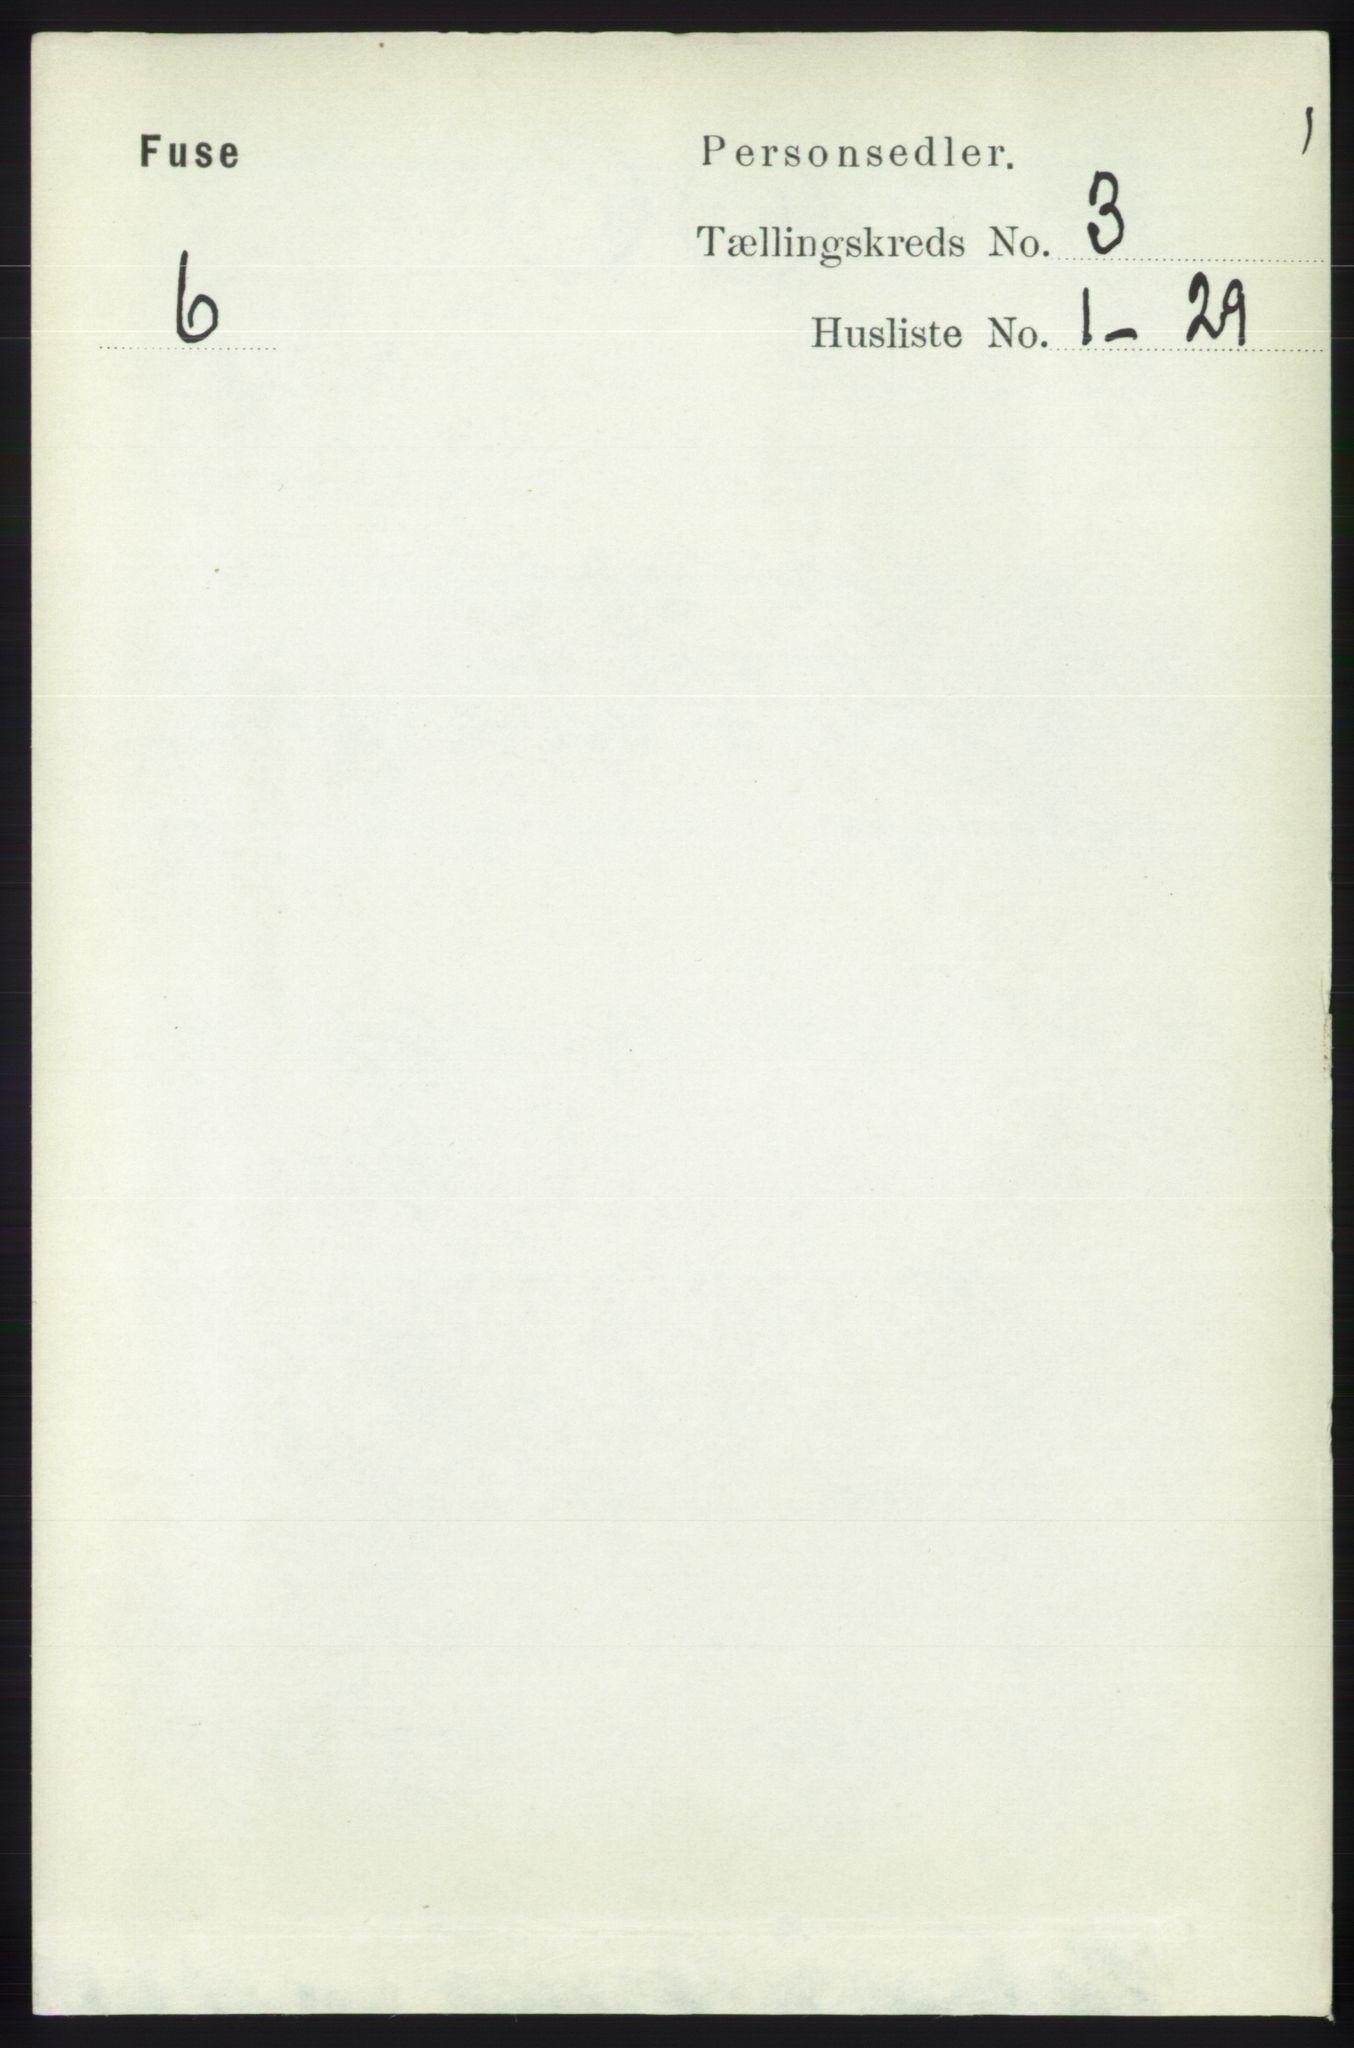 RA, Folketelling 1891 for 1241 Fusa herred, 1891, s. 516